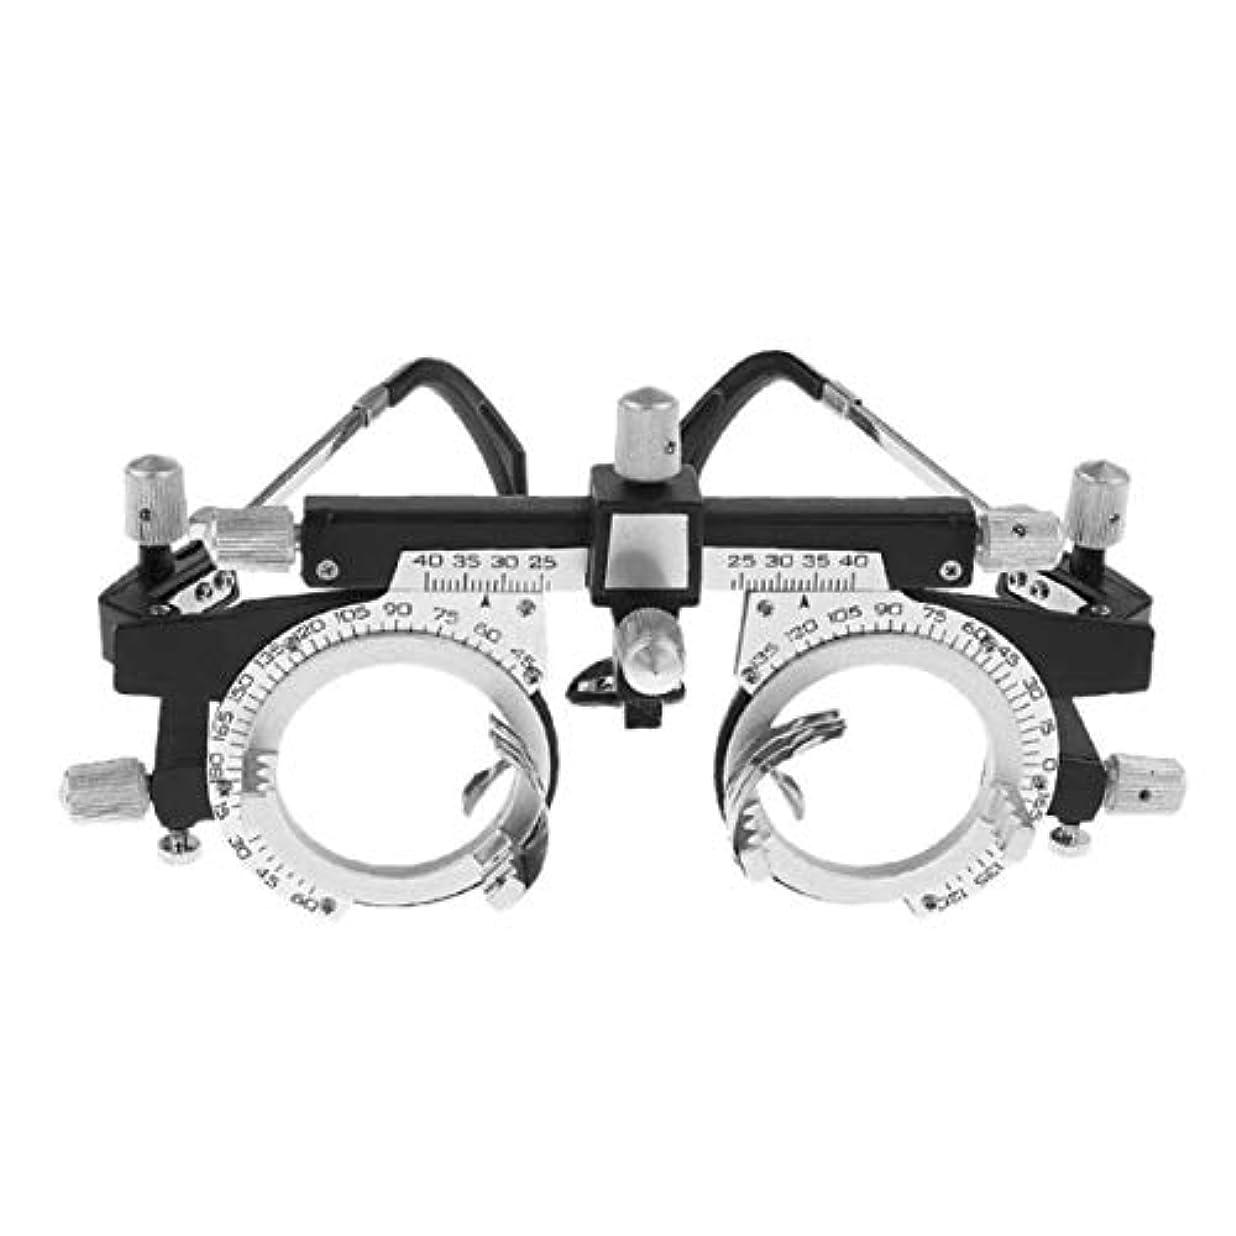 疲労メダル太平洋諸島調節可能なプロフェッショナルアイウェア検眼メタルフレーム光学オプティクストライアルレンズメタルフレームPDメガネアクセサリー - シルバー&ブラック